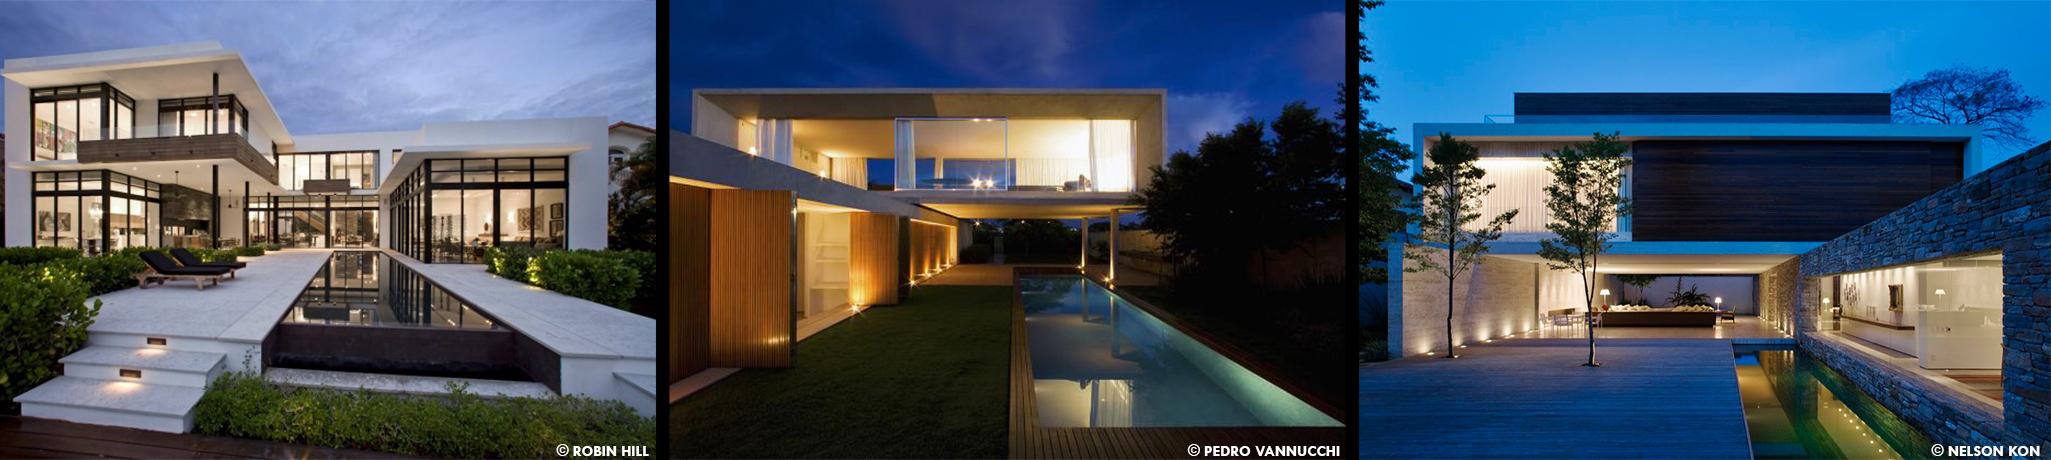 Photoshopped Architecture - Anupriya Saraswat